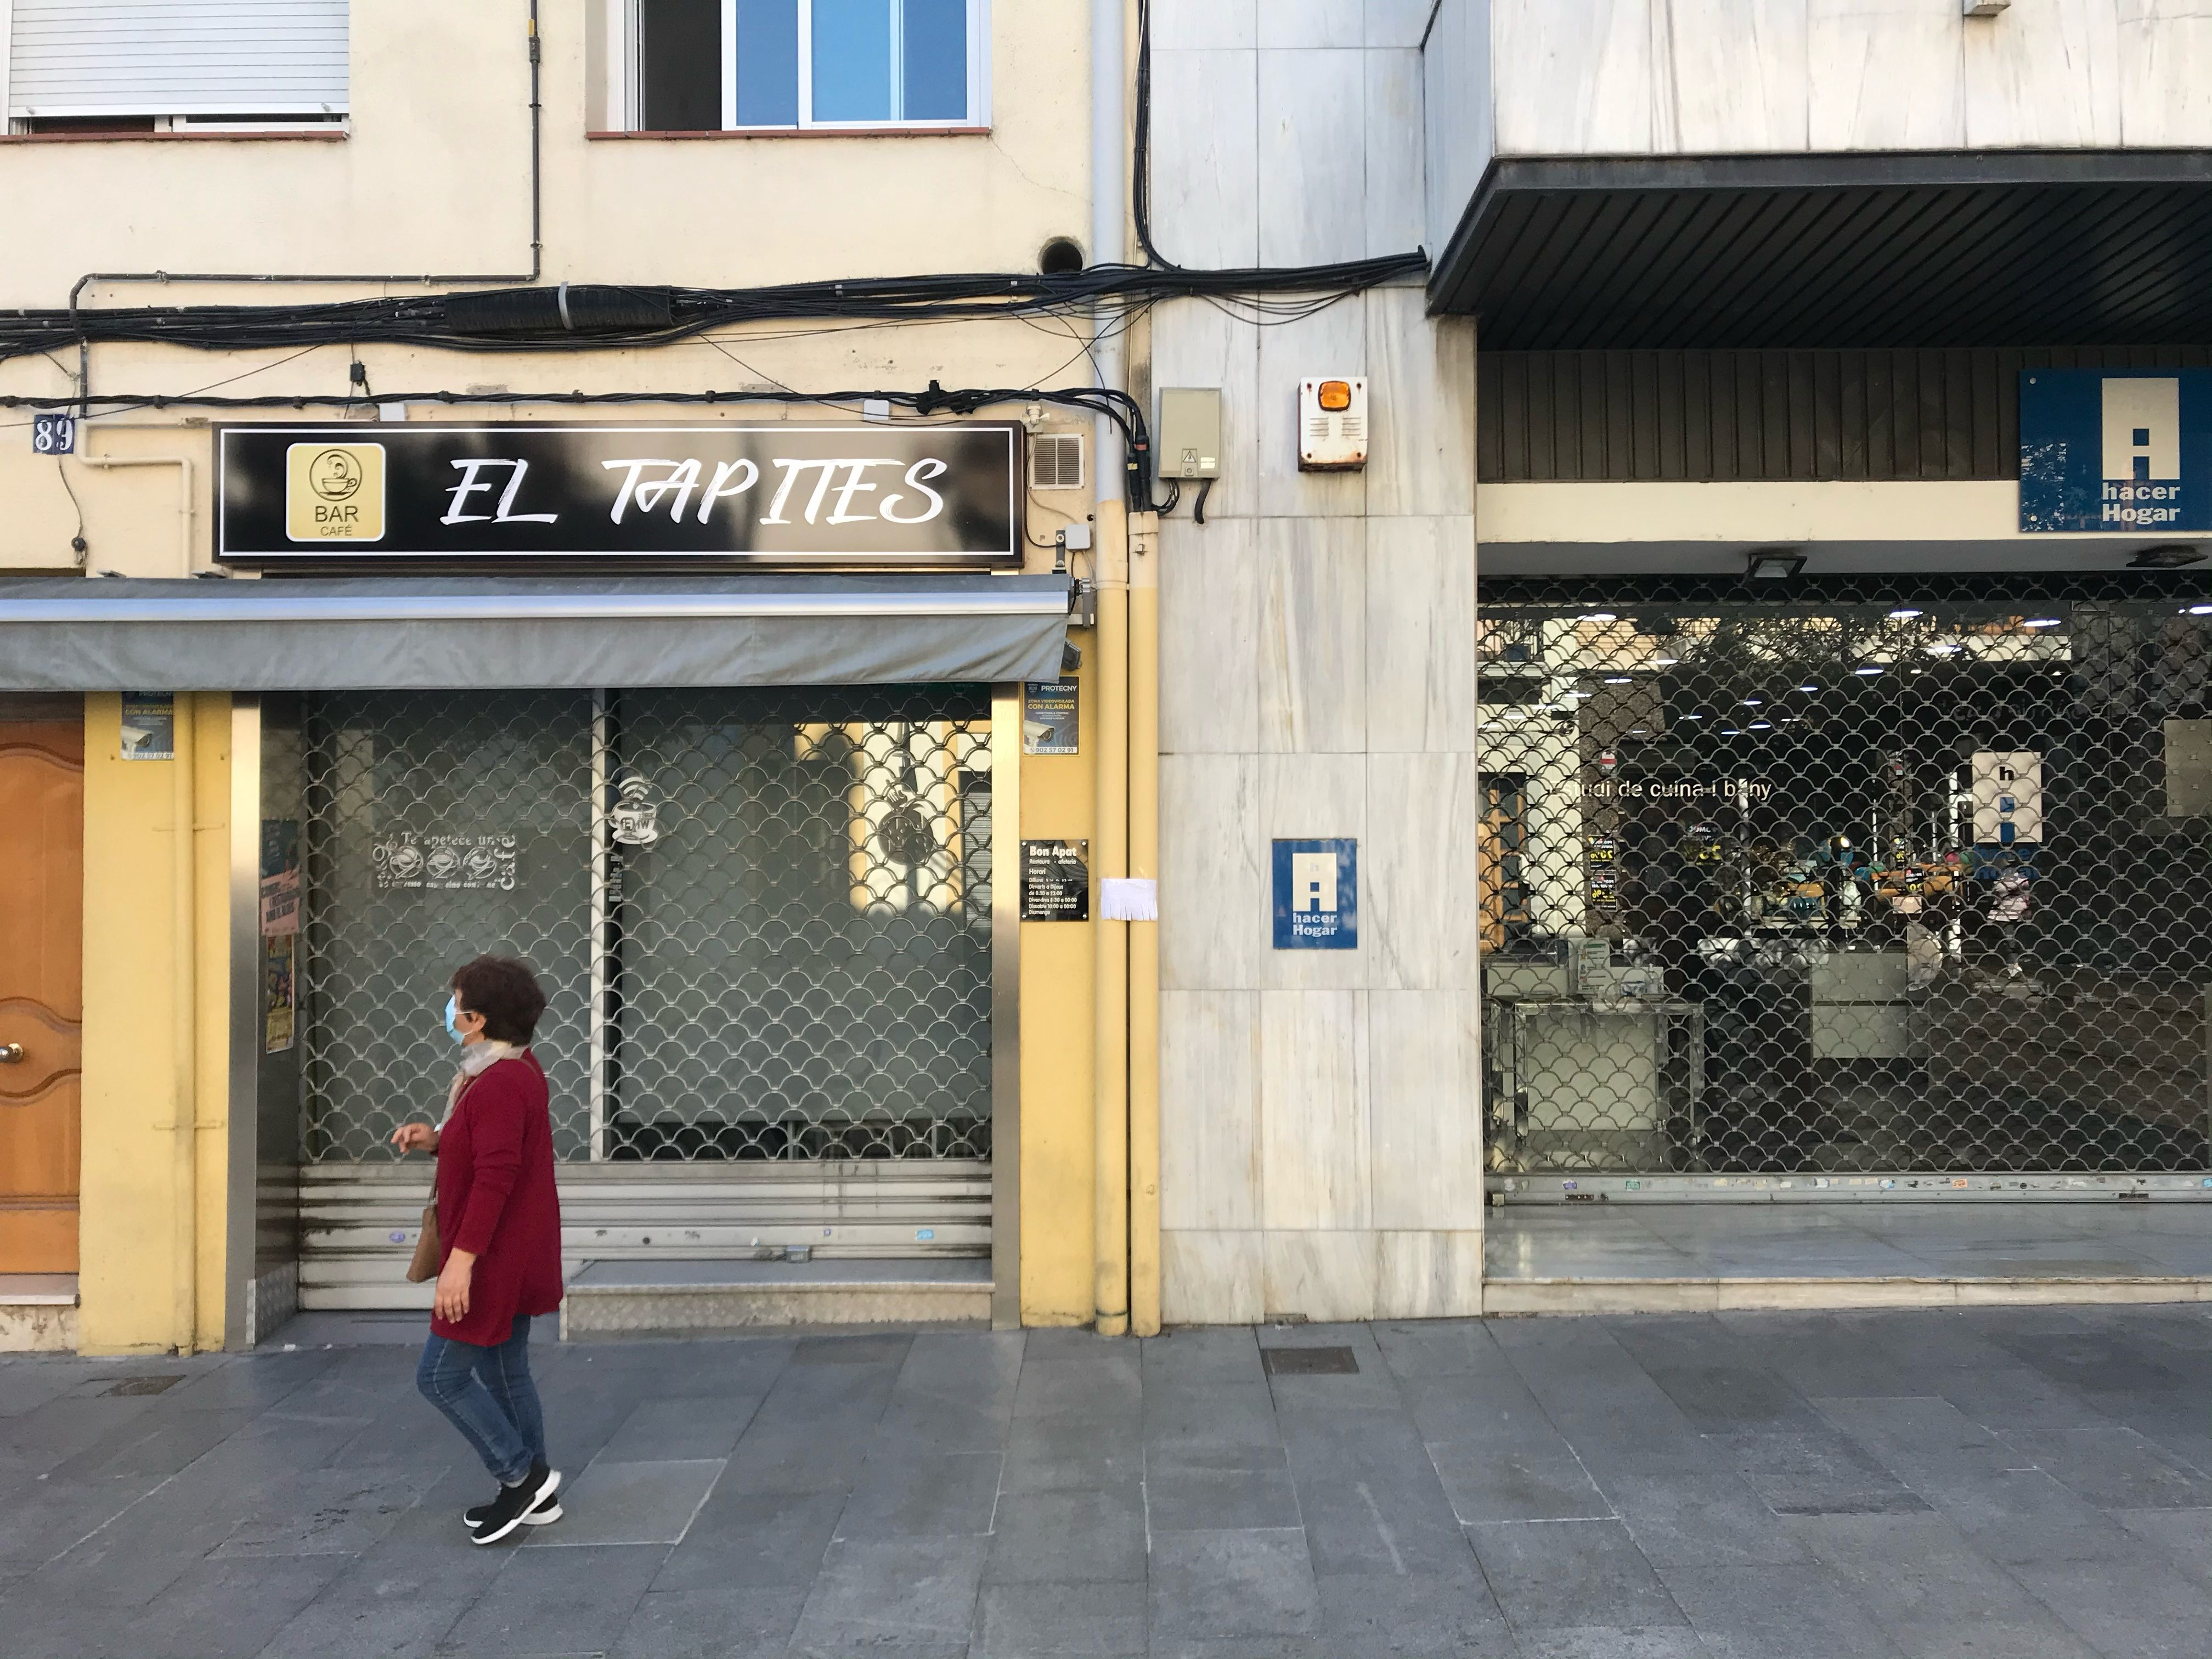 Els ajuts estan destinats a treballadors autònoms, com els propietaris de comerços, afectats per l'impacte de la Covid-19. FOTO: Laura Arias